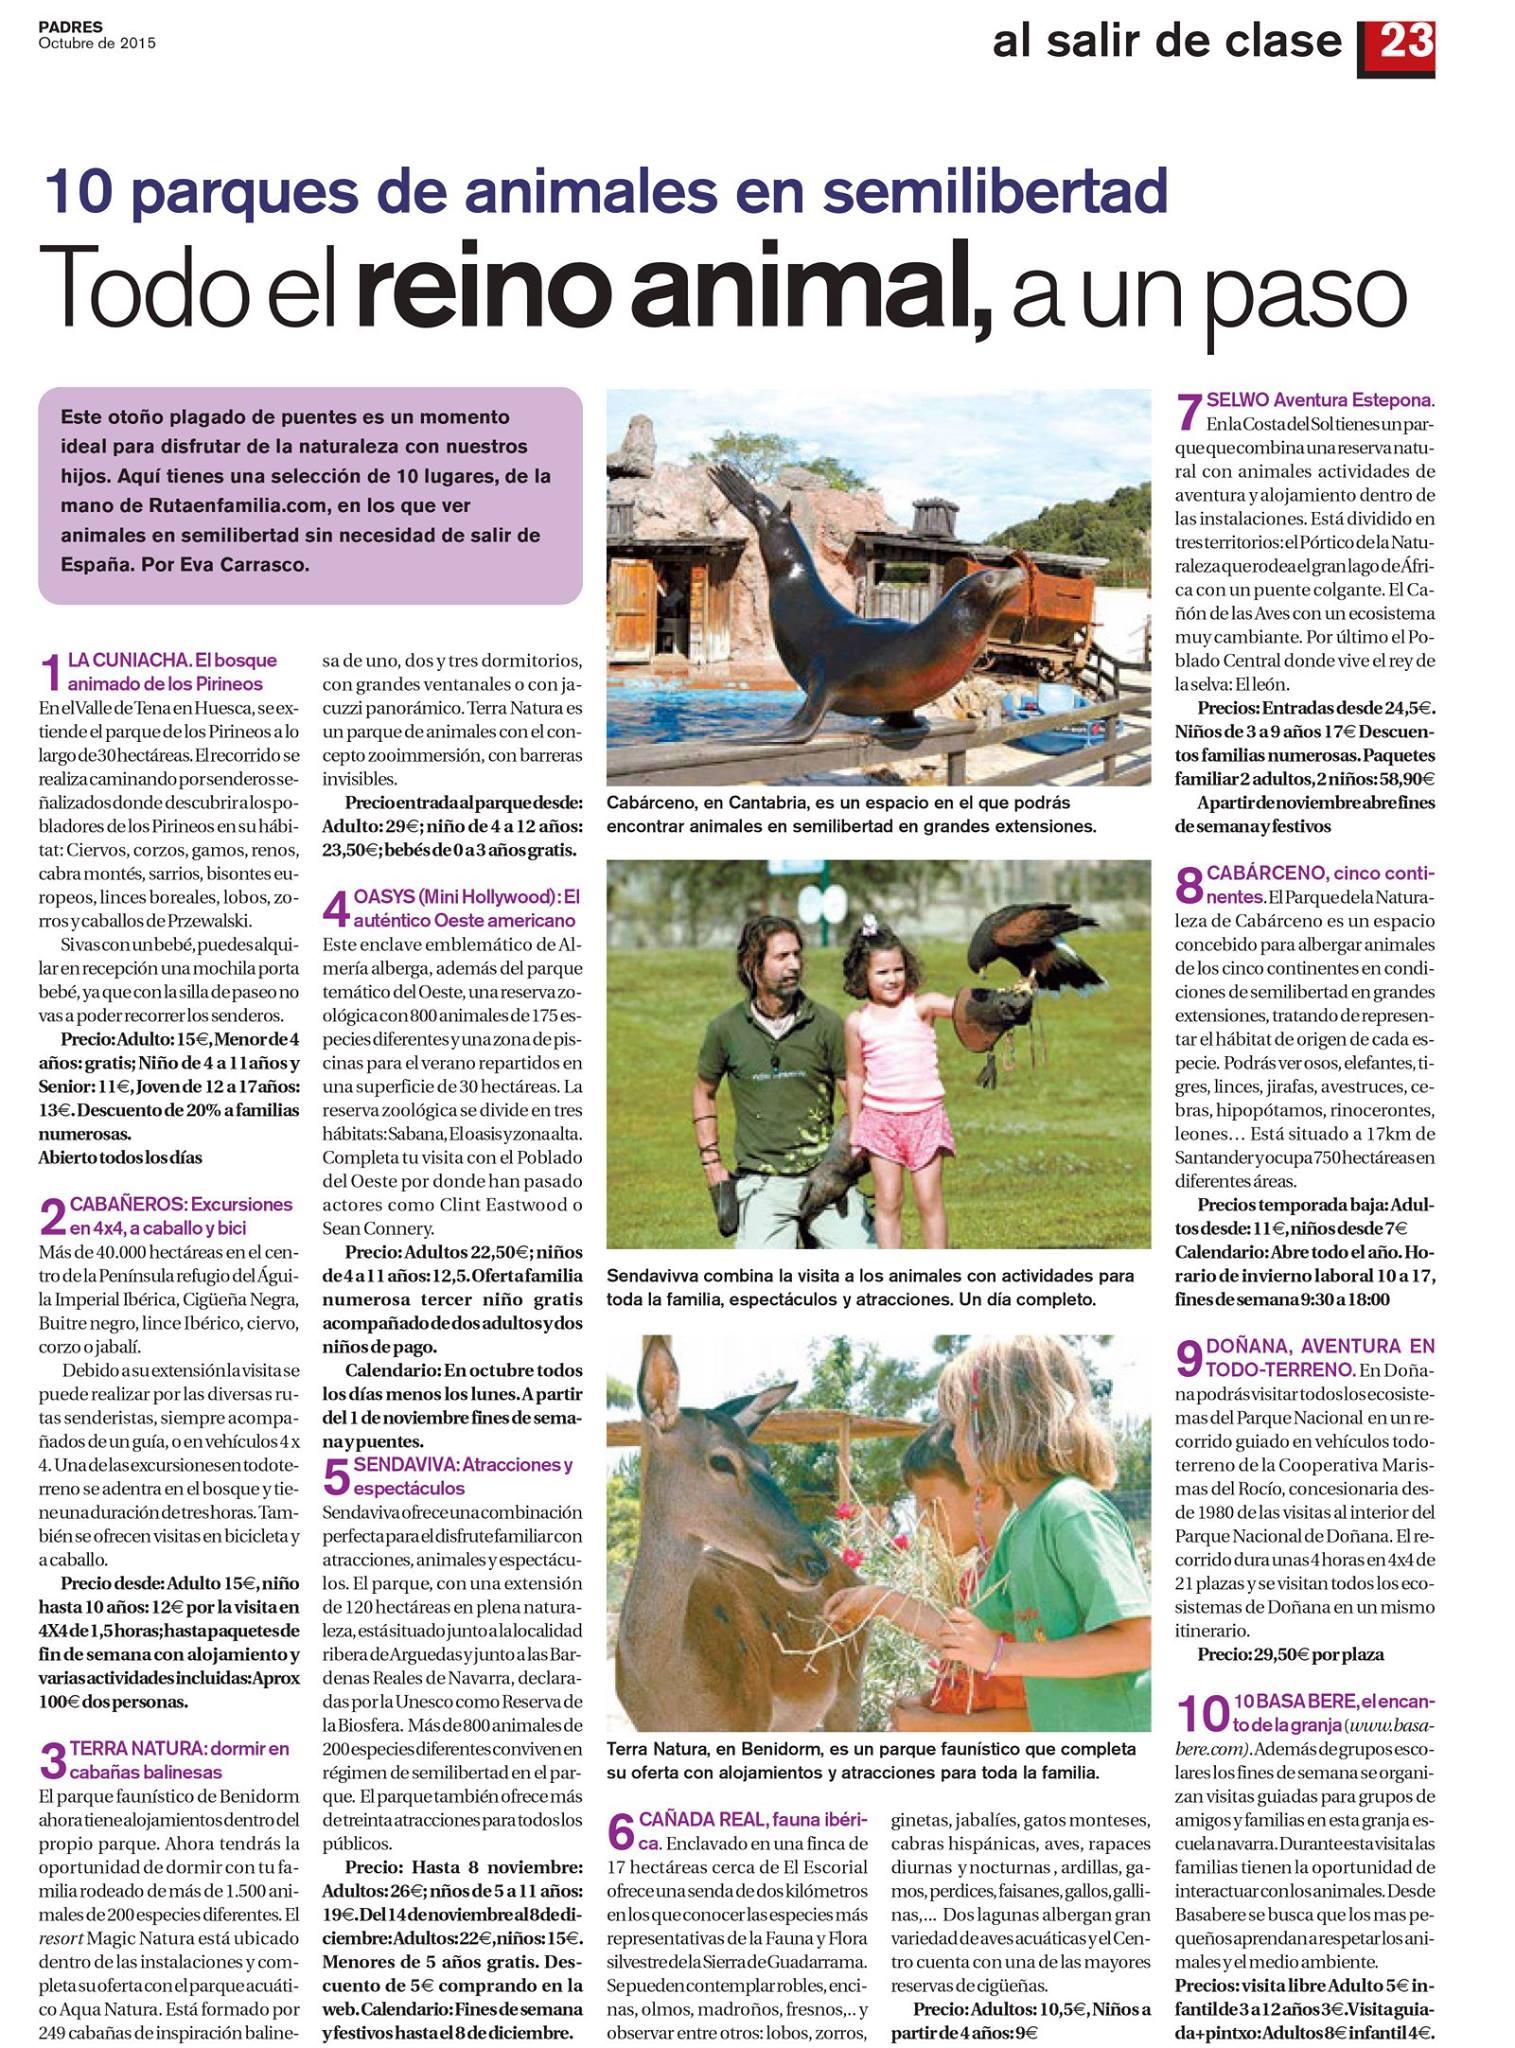 Padres y colegios ofrece 10 parques de animales de la mano de Rutaenfamilia